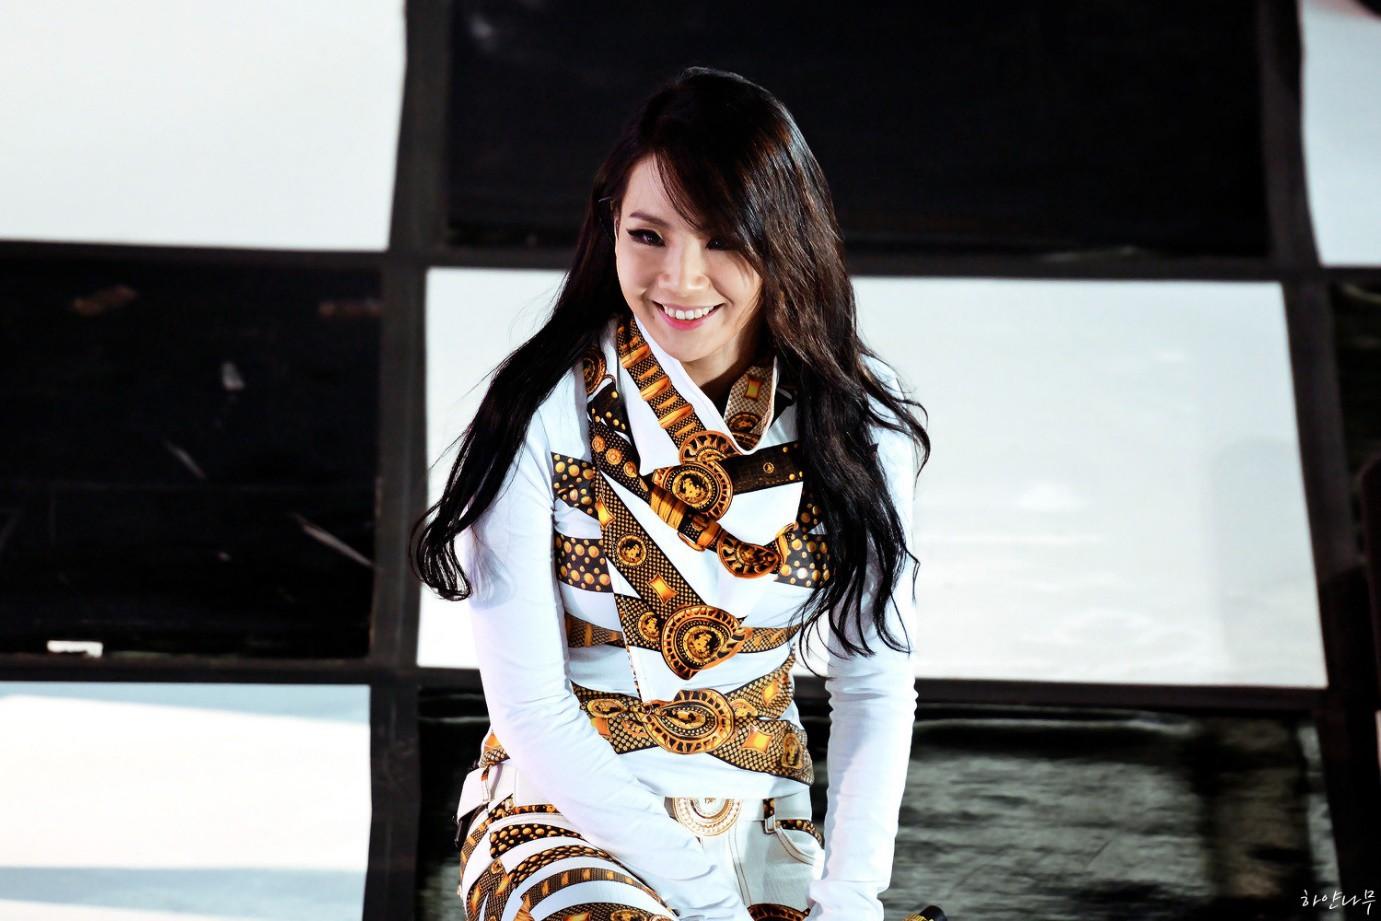 Hành trình nhan sắc CL qua show thực tế trước khi phát tướng, đáng chú ý nhất là ở Running Man - Ảnh 11.